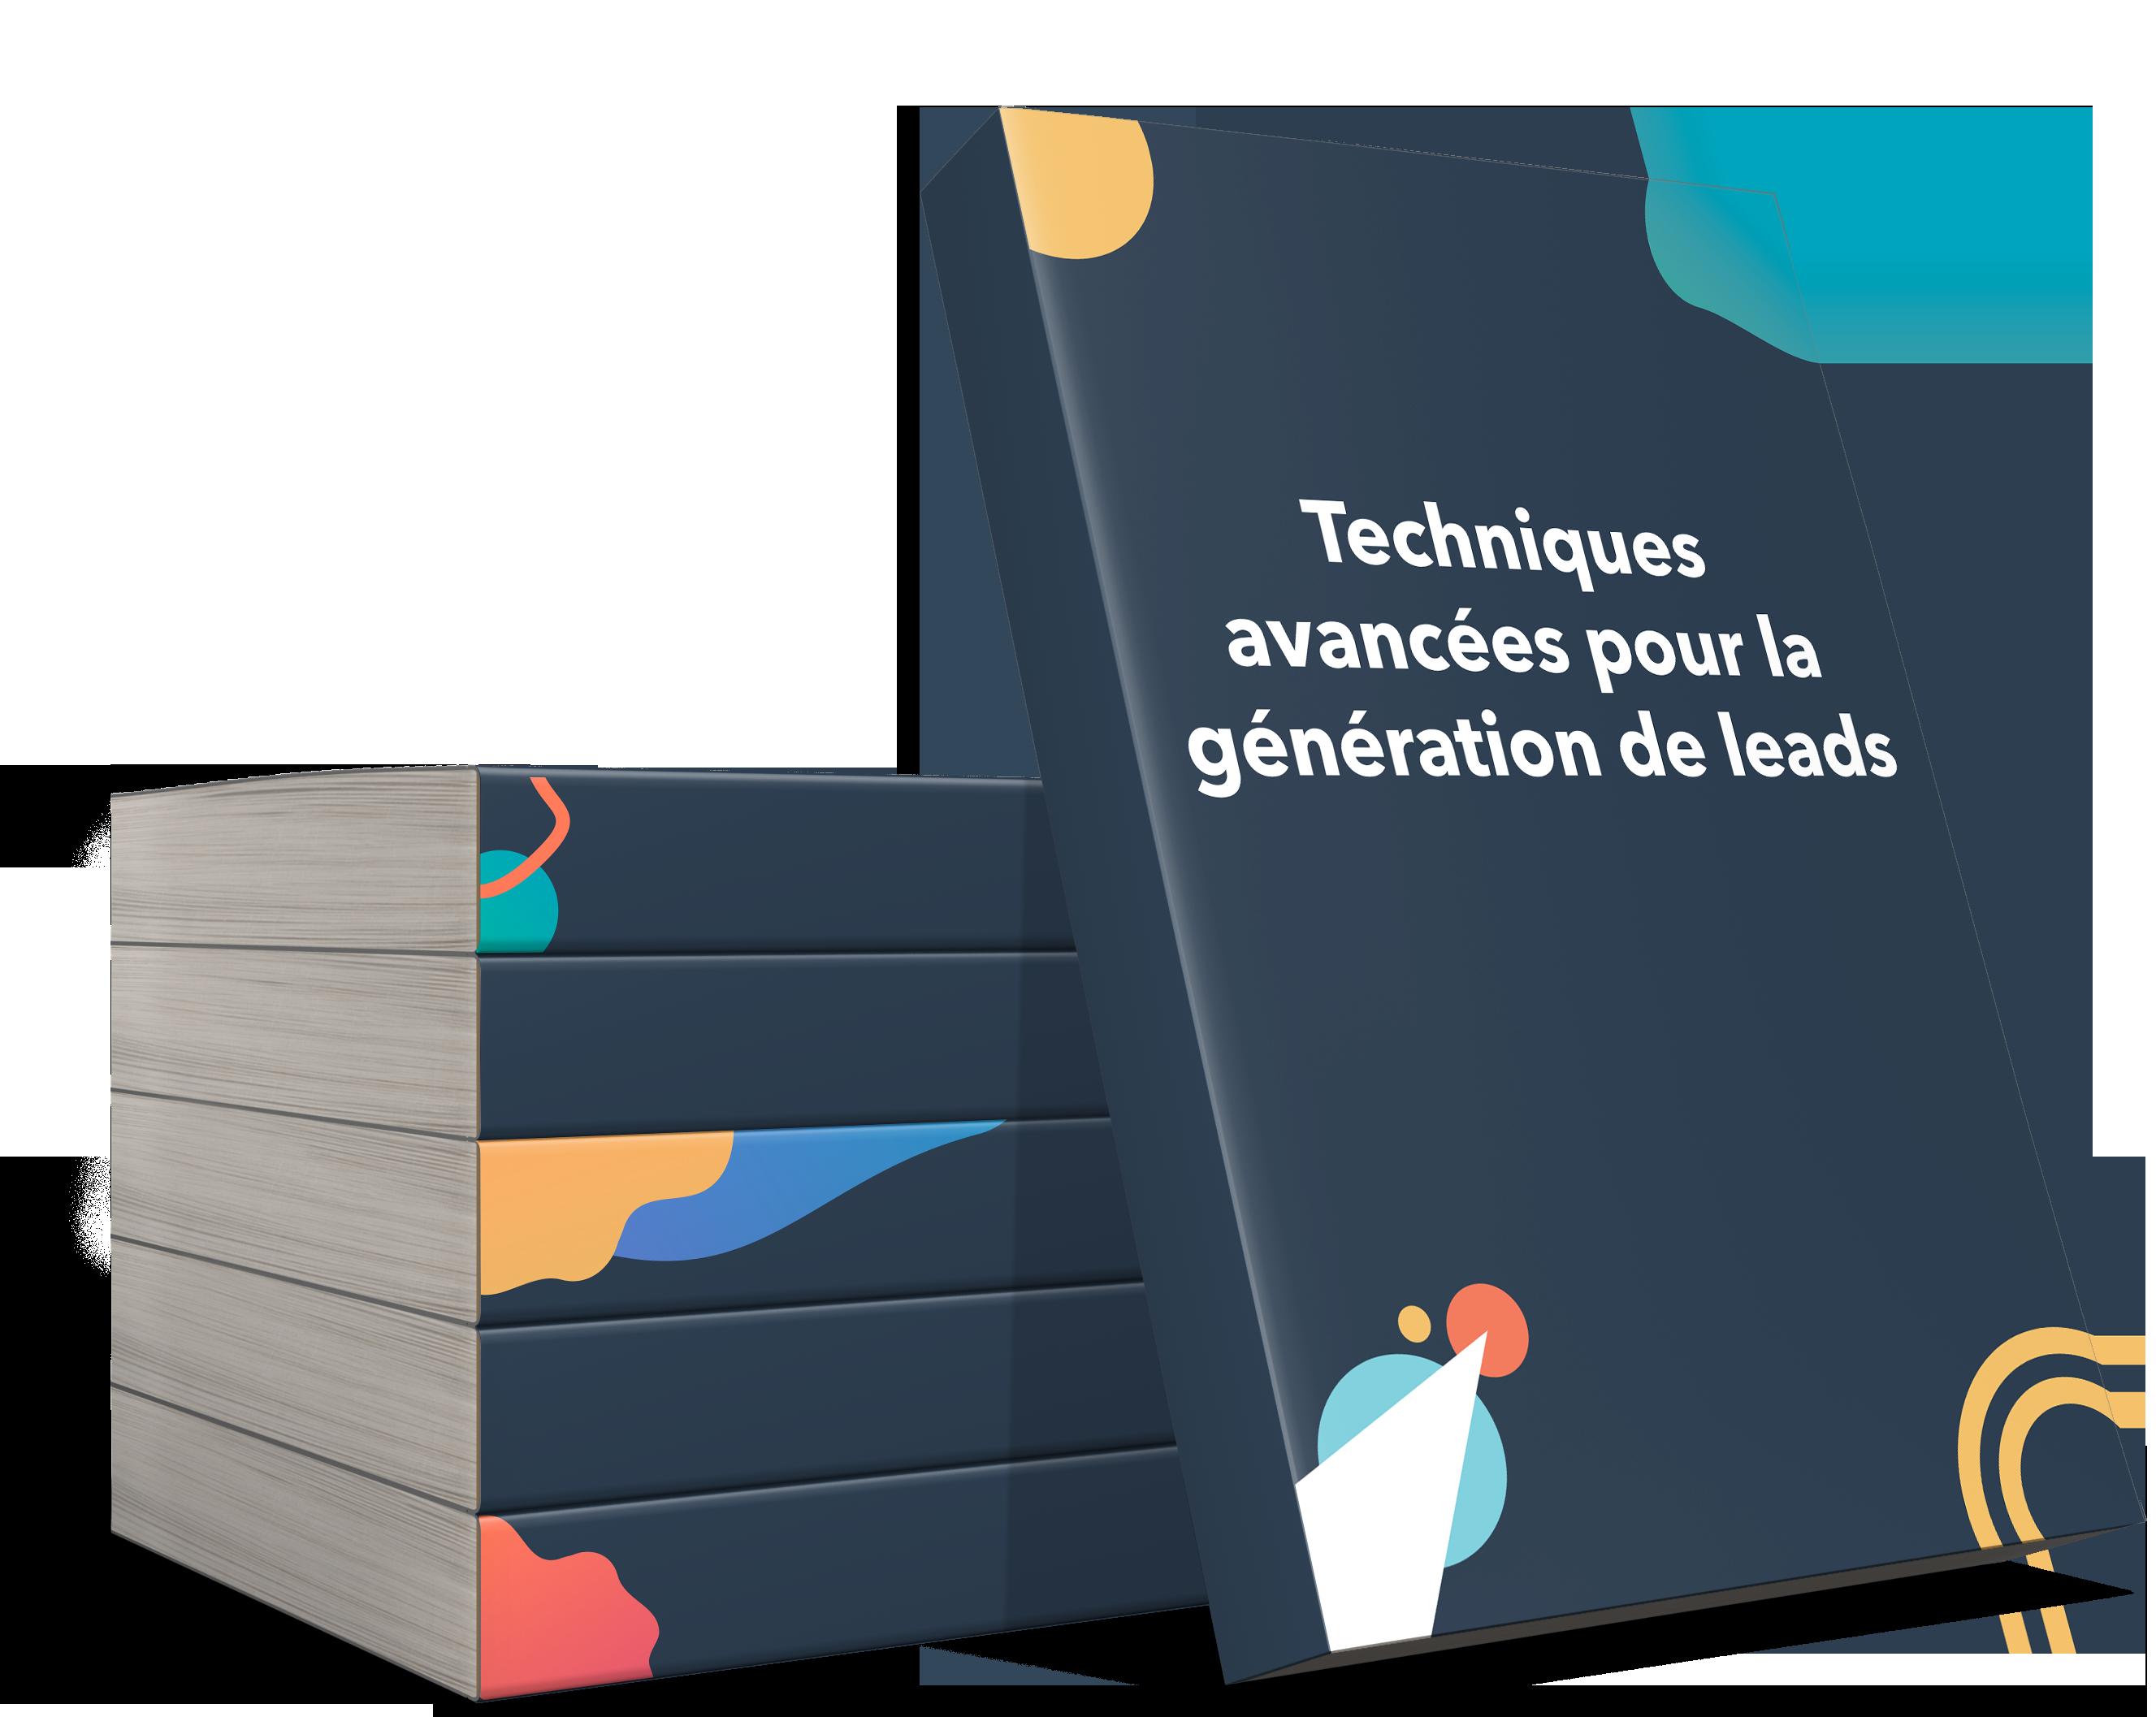 Techniques avancées pour la génération de leads